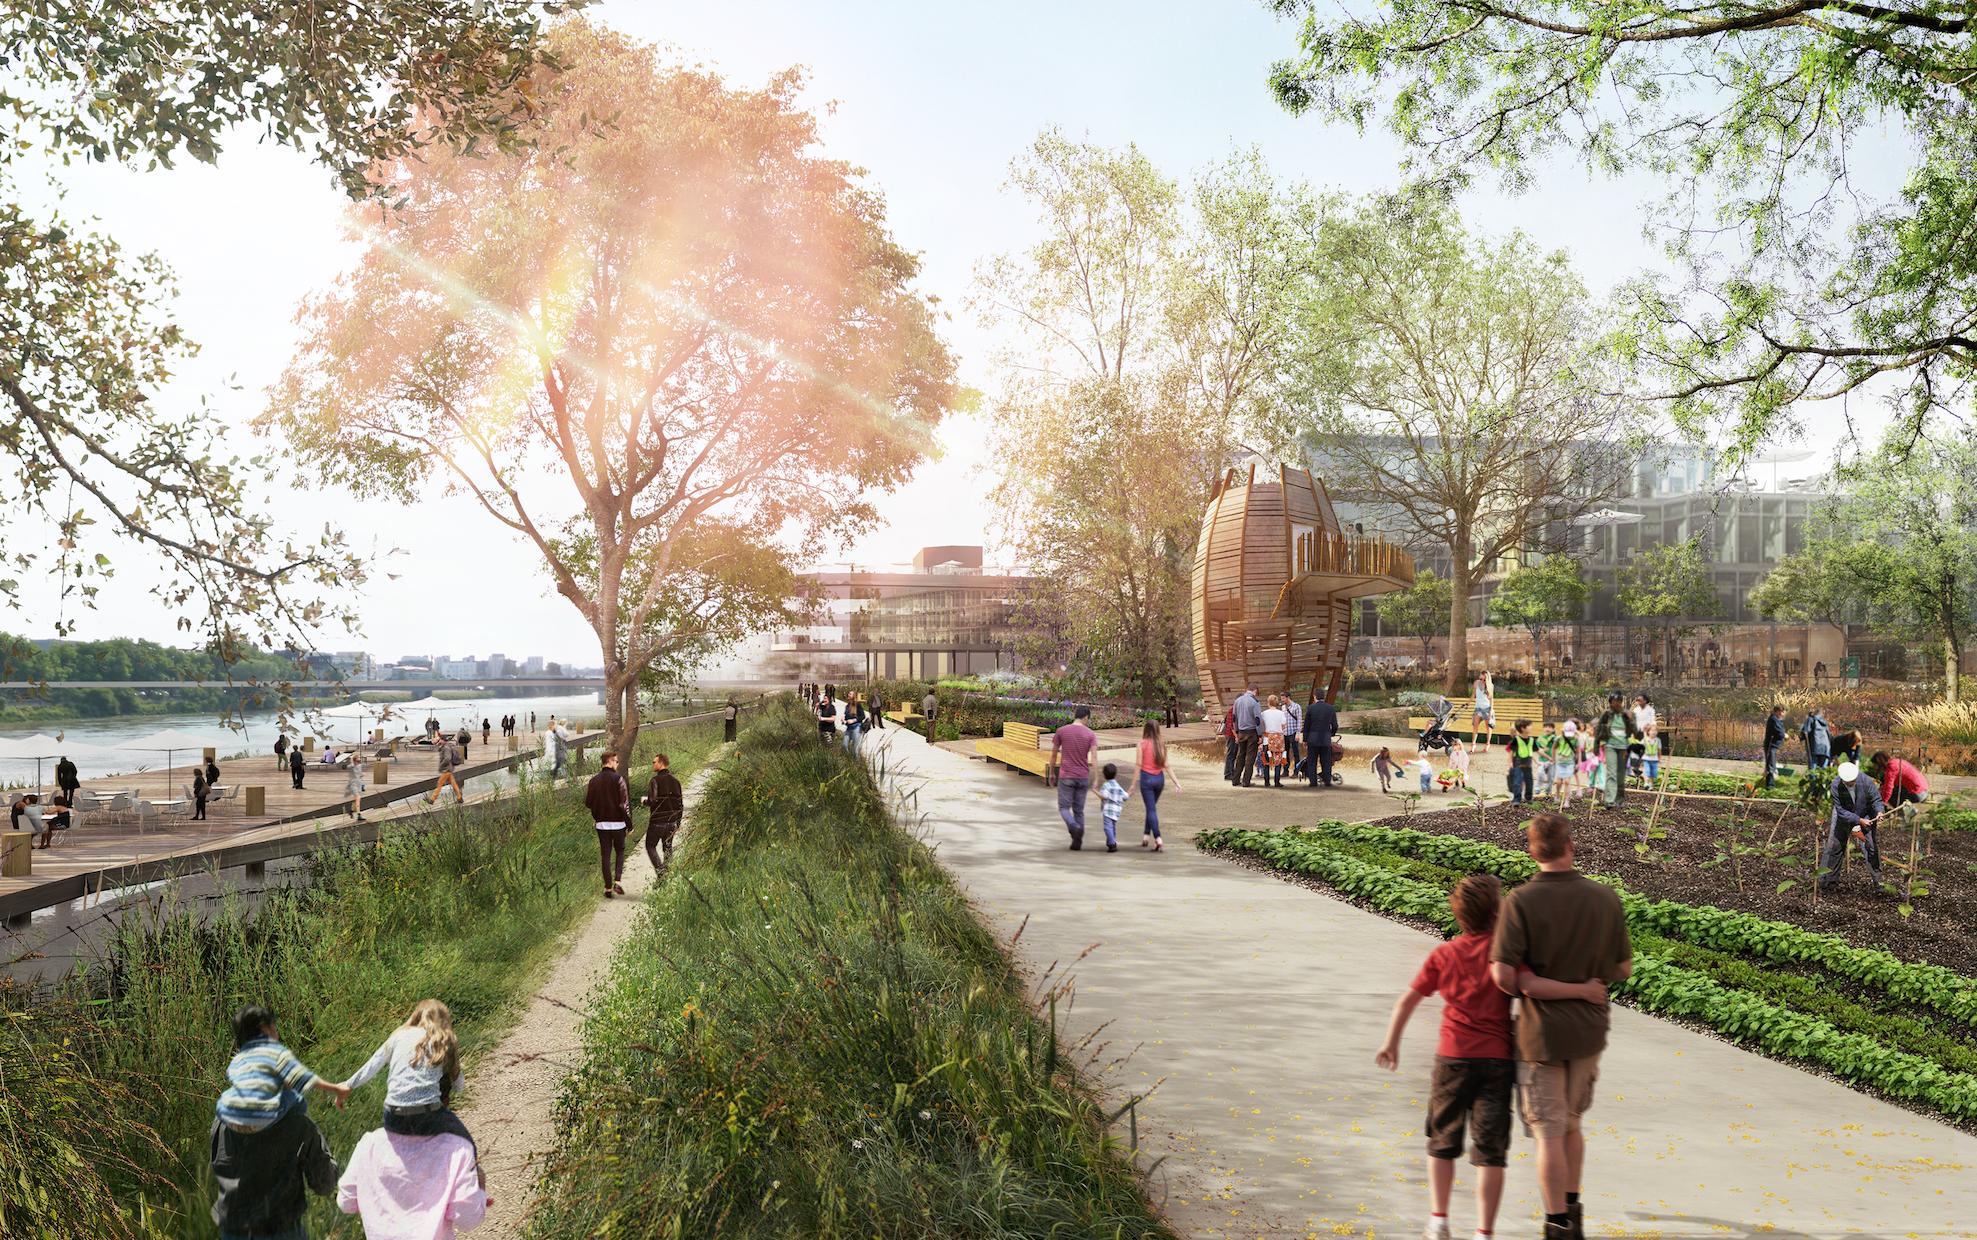 Transformation urbaine des bords de Loire (Place de la Petite Hollande, Gloriette, Canal Saint-Félix, Quai de la Fosse) à l'horizon 2030 agence TER